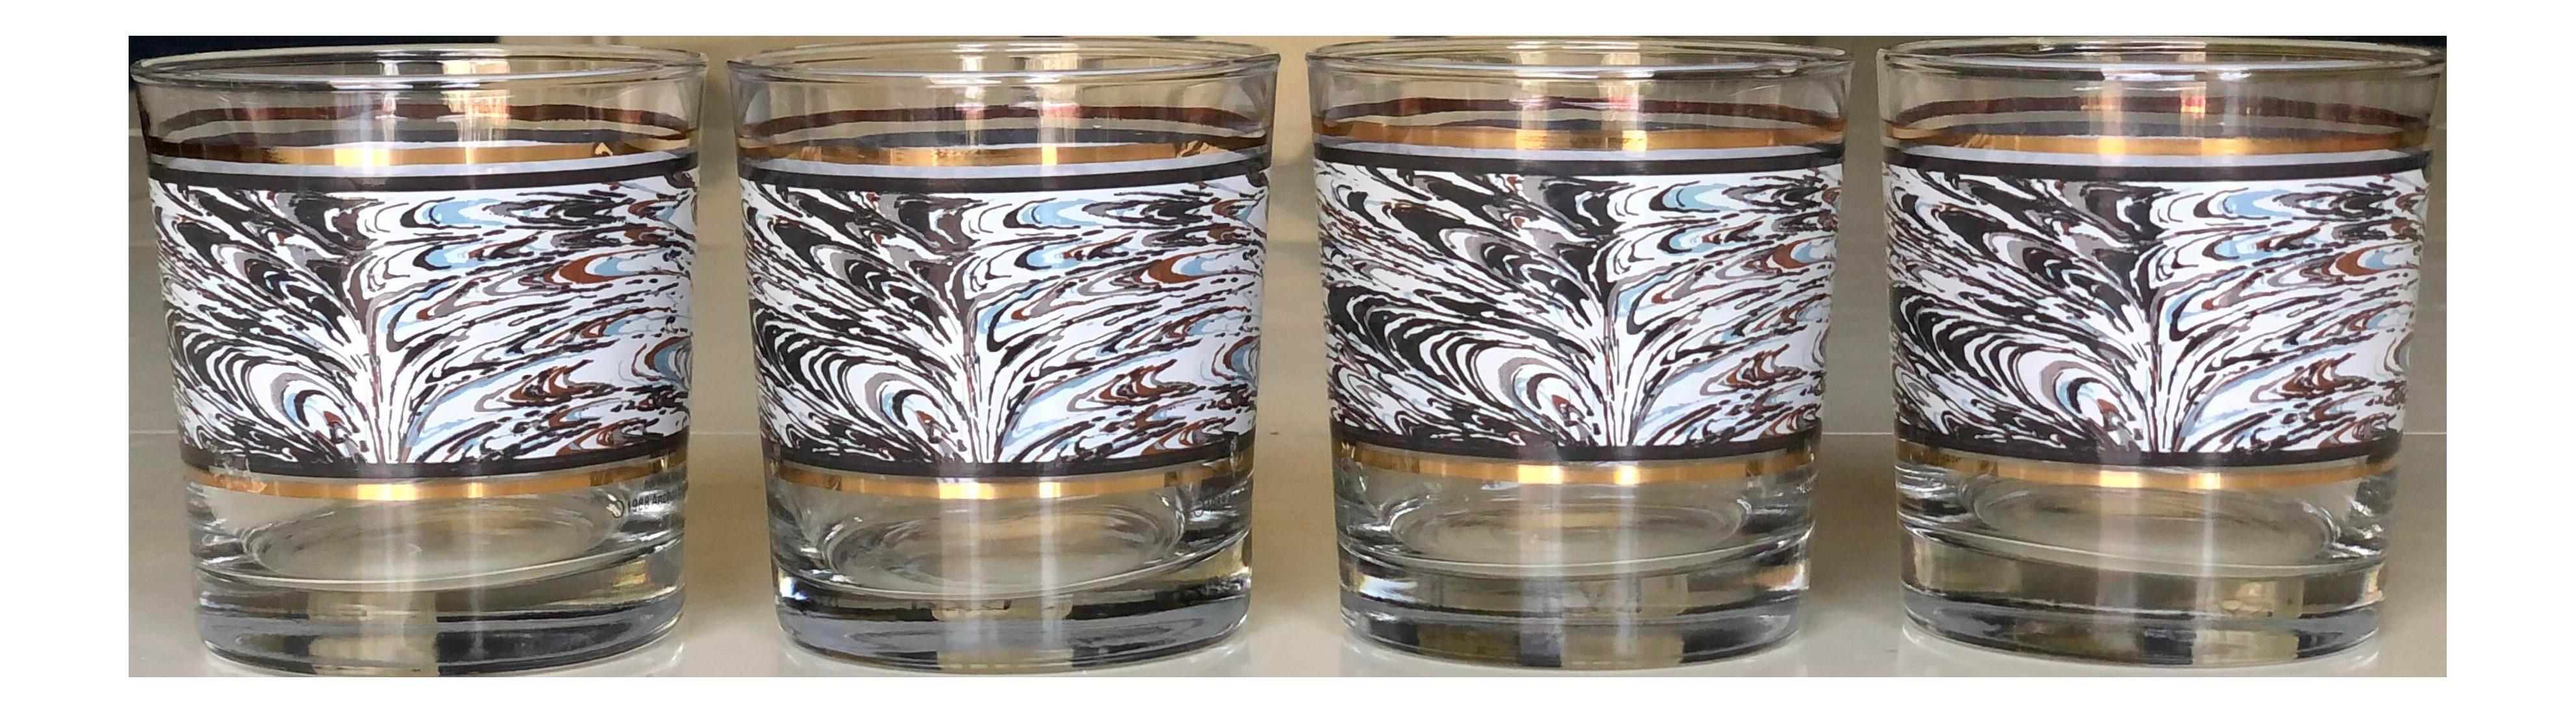 Set of 4 Vintage Anchor Hocking Stripe Rocks Juice Glasses